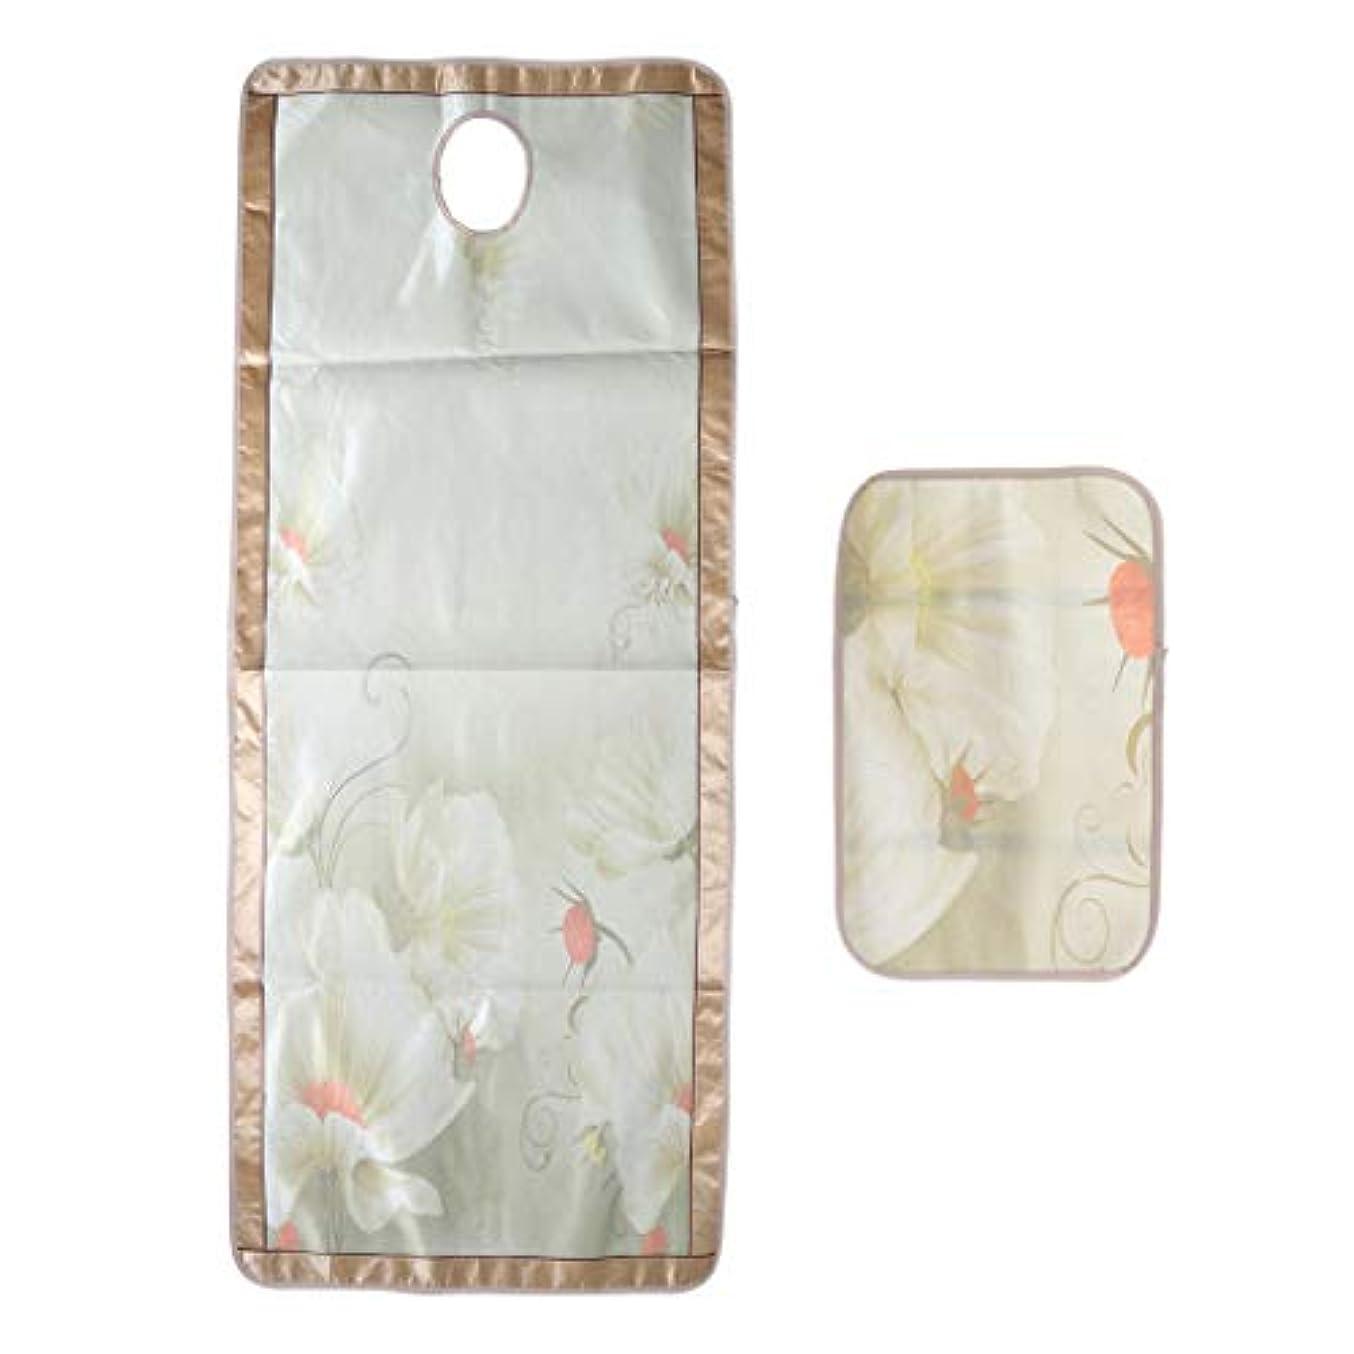 リマ出版クリアマッサージベッド エステベッドカバー 枕カバー付き ひんやり 敷きパッド 70×190センチ - フローラル6